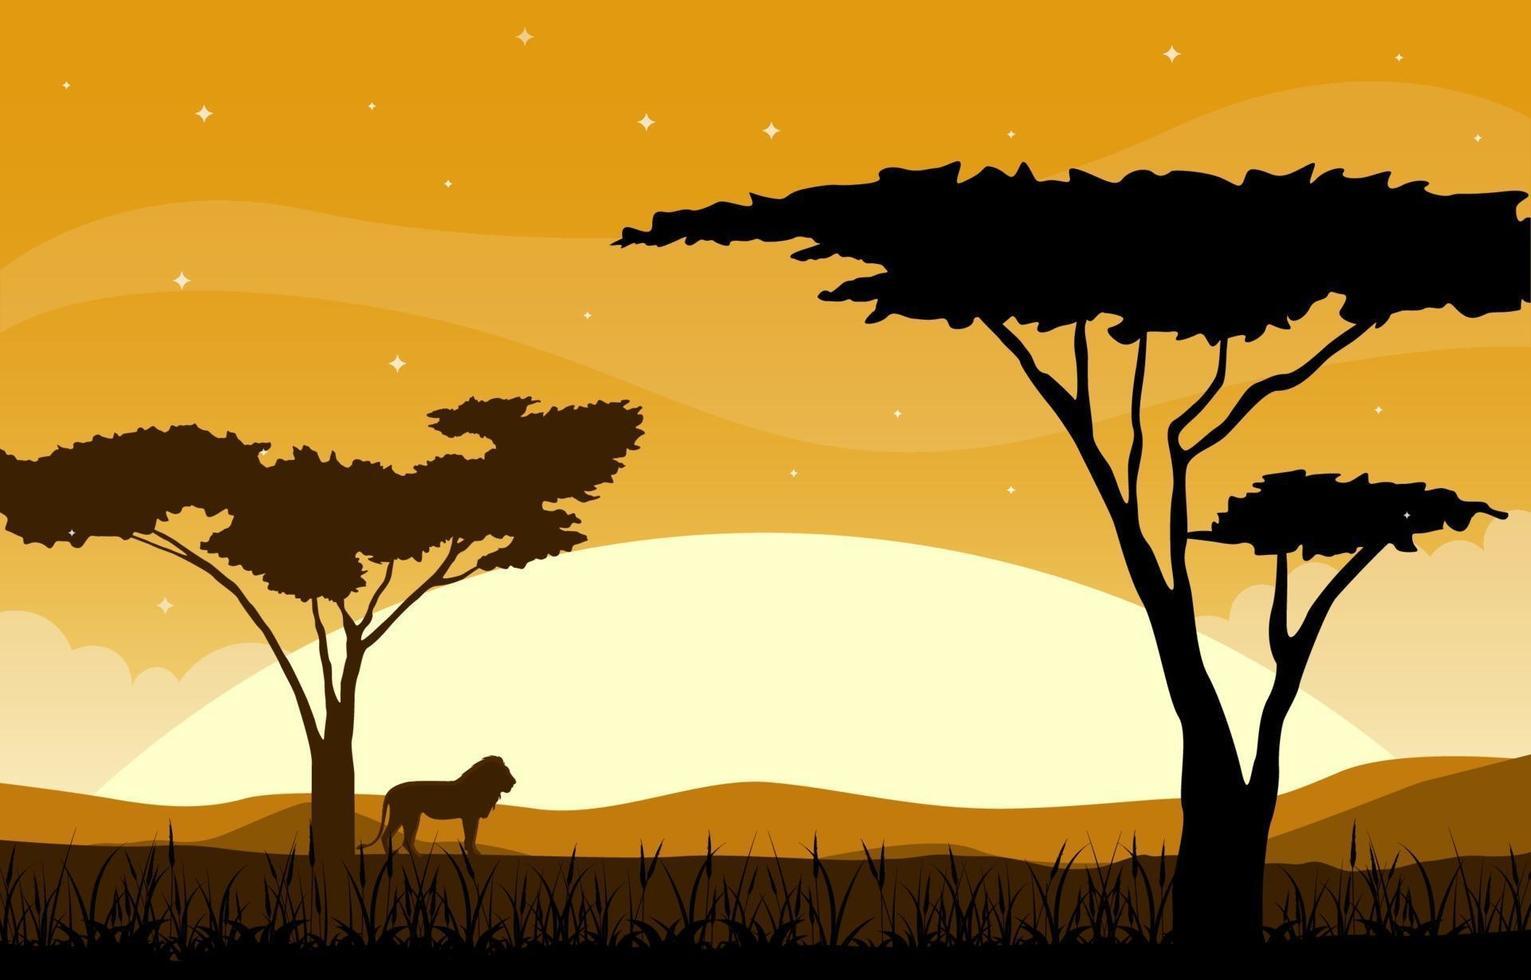 León en el paisaje de la sabana africana con árboles ilustración vector